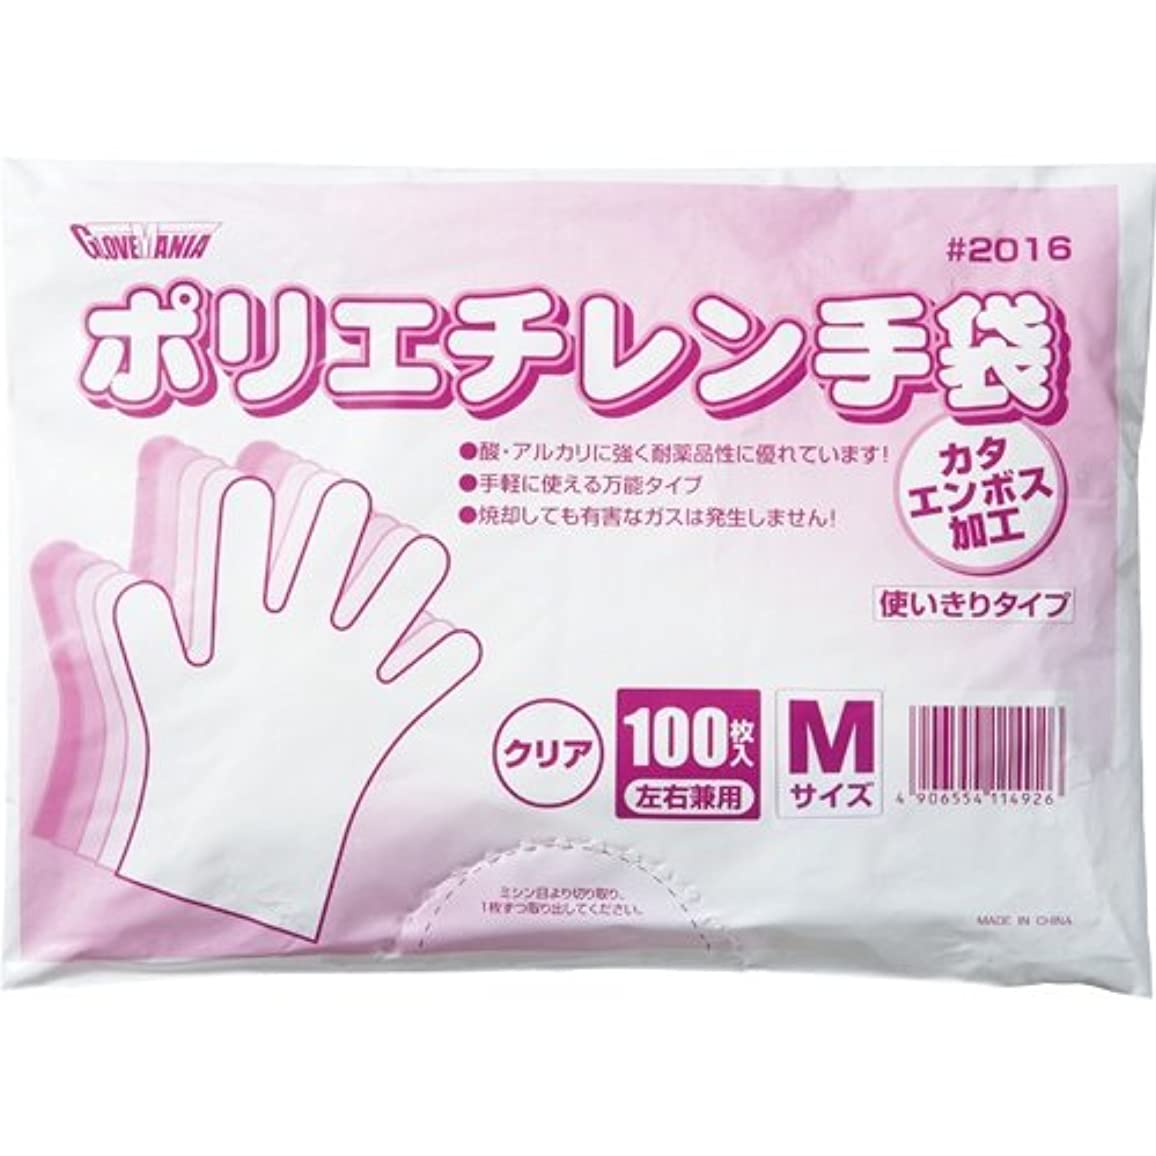 最初はサーフィン長方形川西工業 ポリエチレン手袋 カタエンボス クリア M #2016 1セット(10000枚:100枚×100パック)